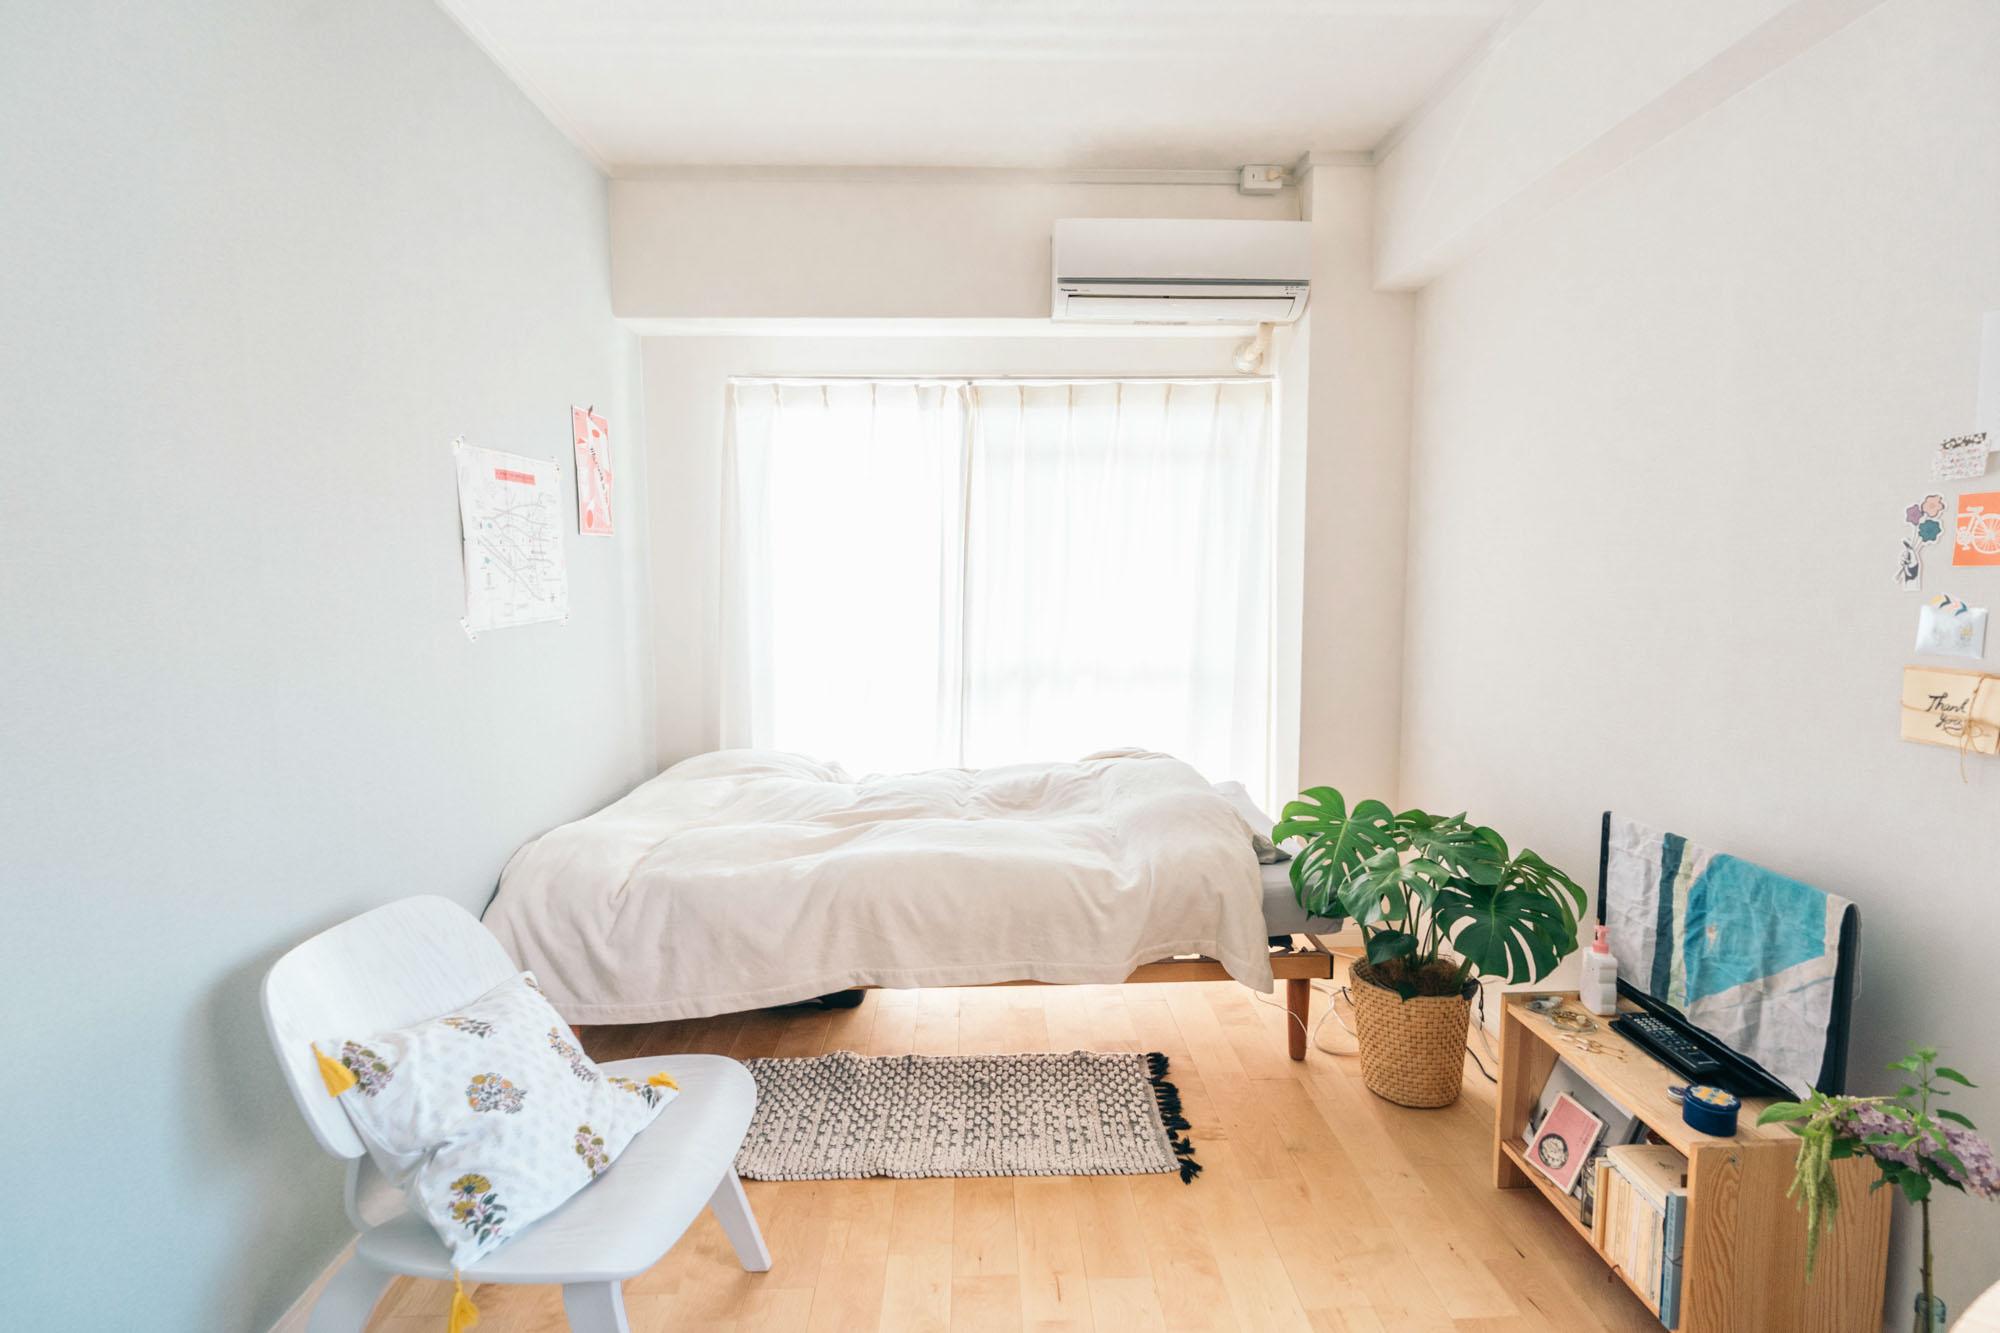 念願叶って住むことになった無垢フローリングのお部屋は、帰ってきたときに気分が上がる「心躍る部屋」にしたいと、この部屋に合う雰囲気の家具や小物を合わせて空間をつくりました。